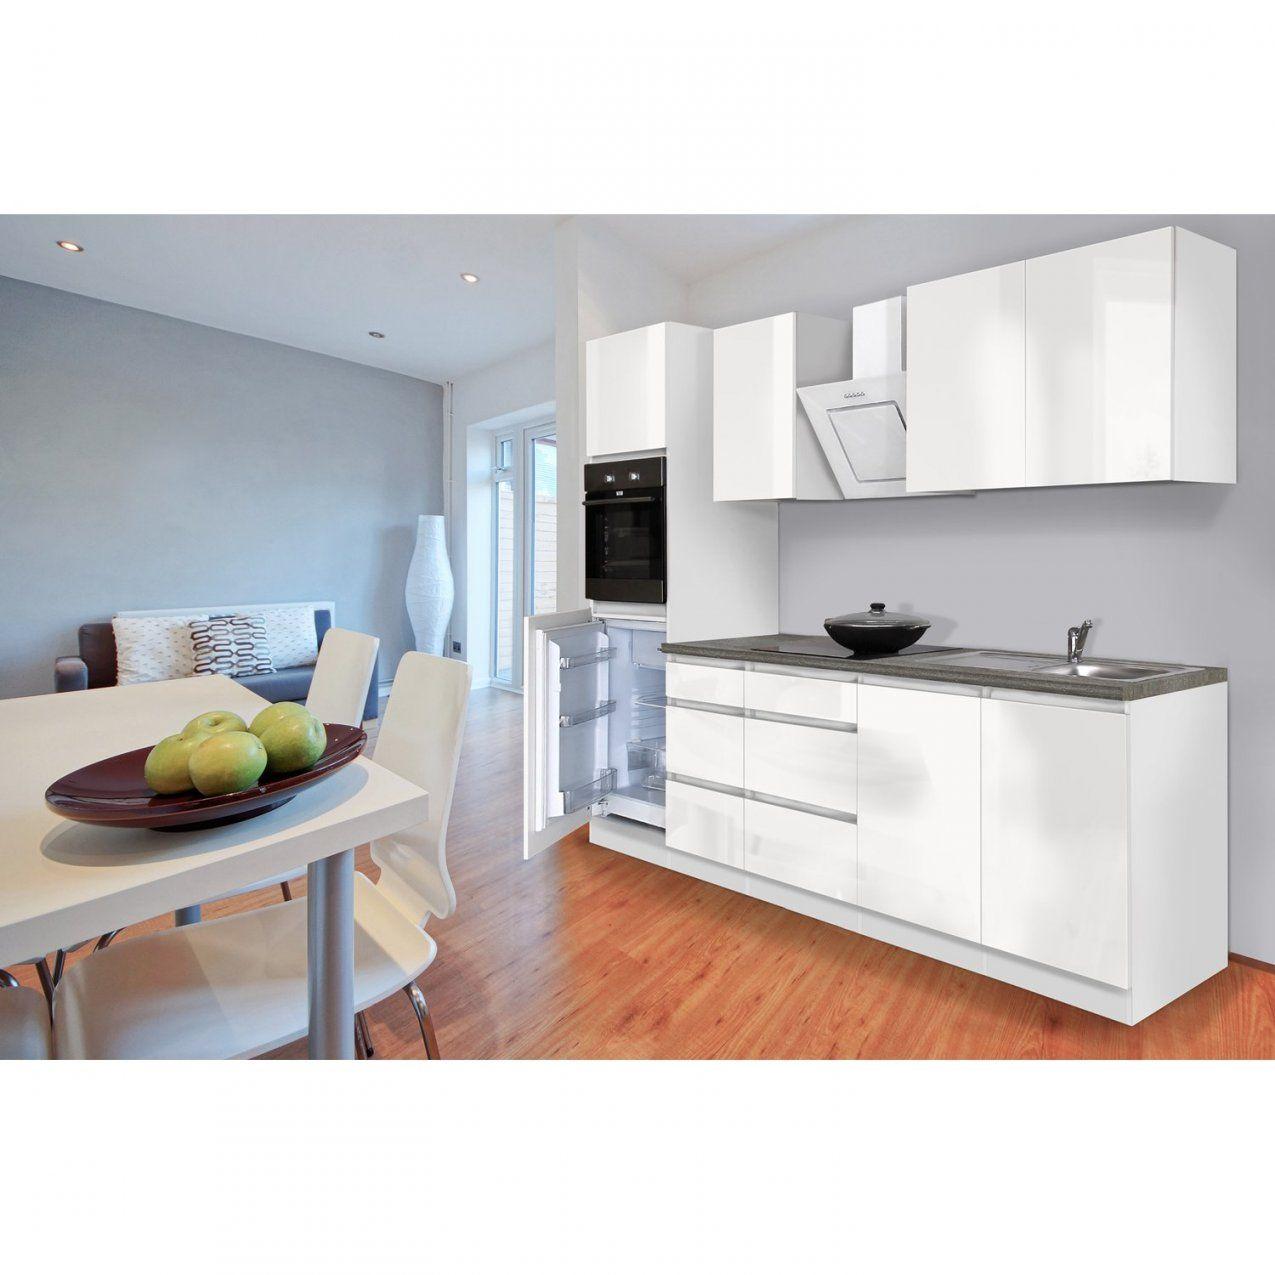 Küchenzeilen & Miniküchen Online Kaufen Bei Obi von Küchenblock 260 Cm Mit Elektrogeräten Bild